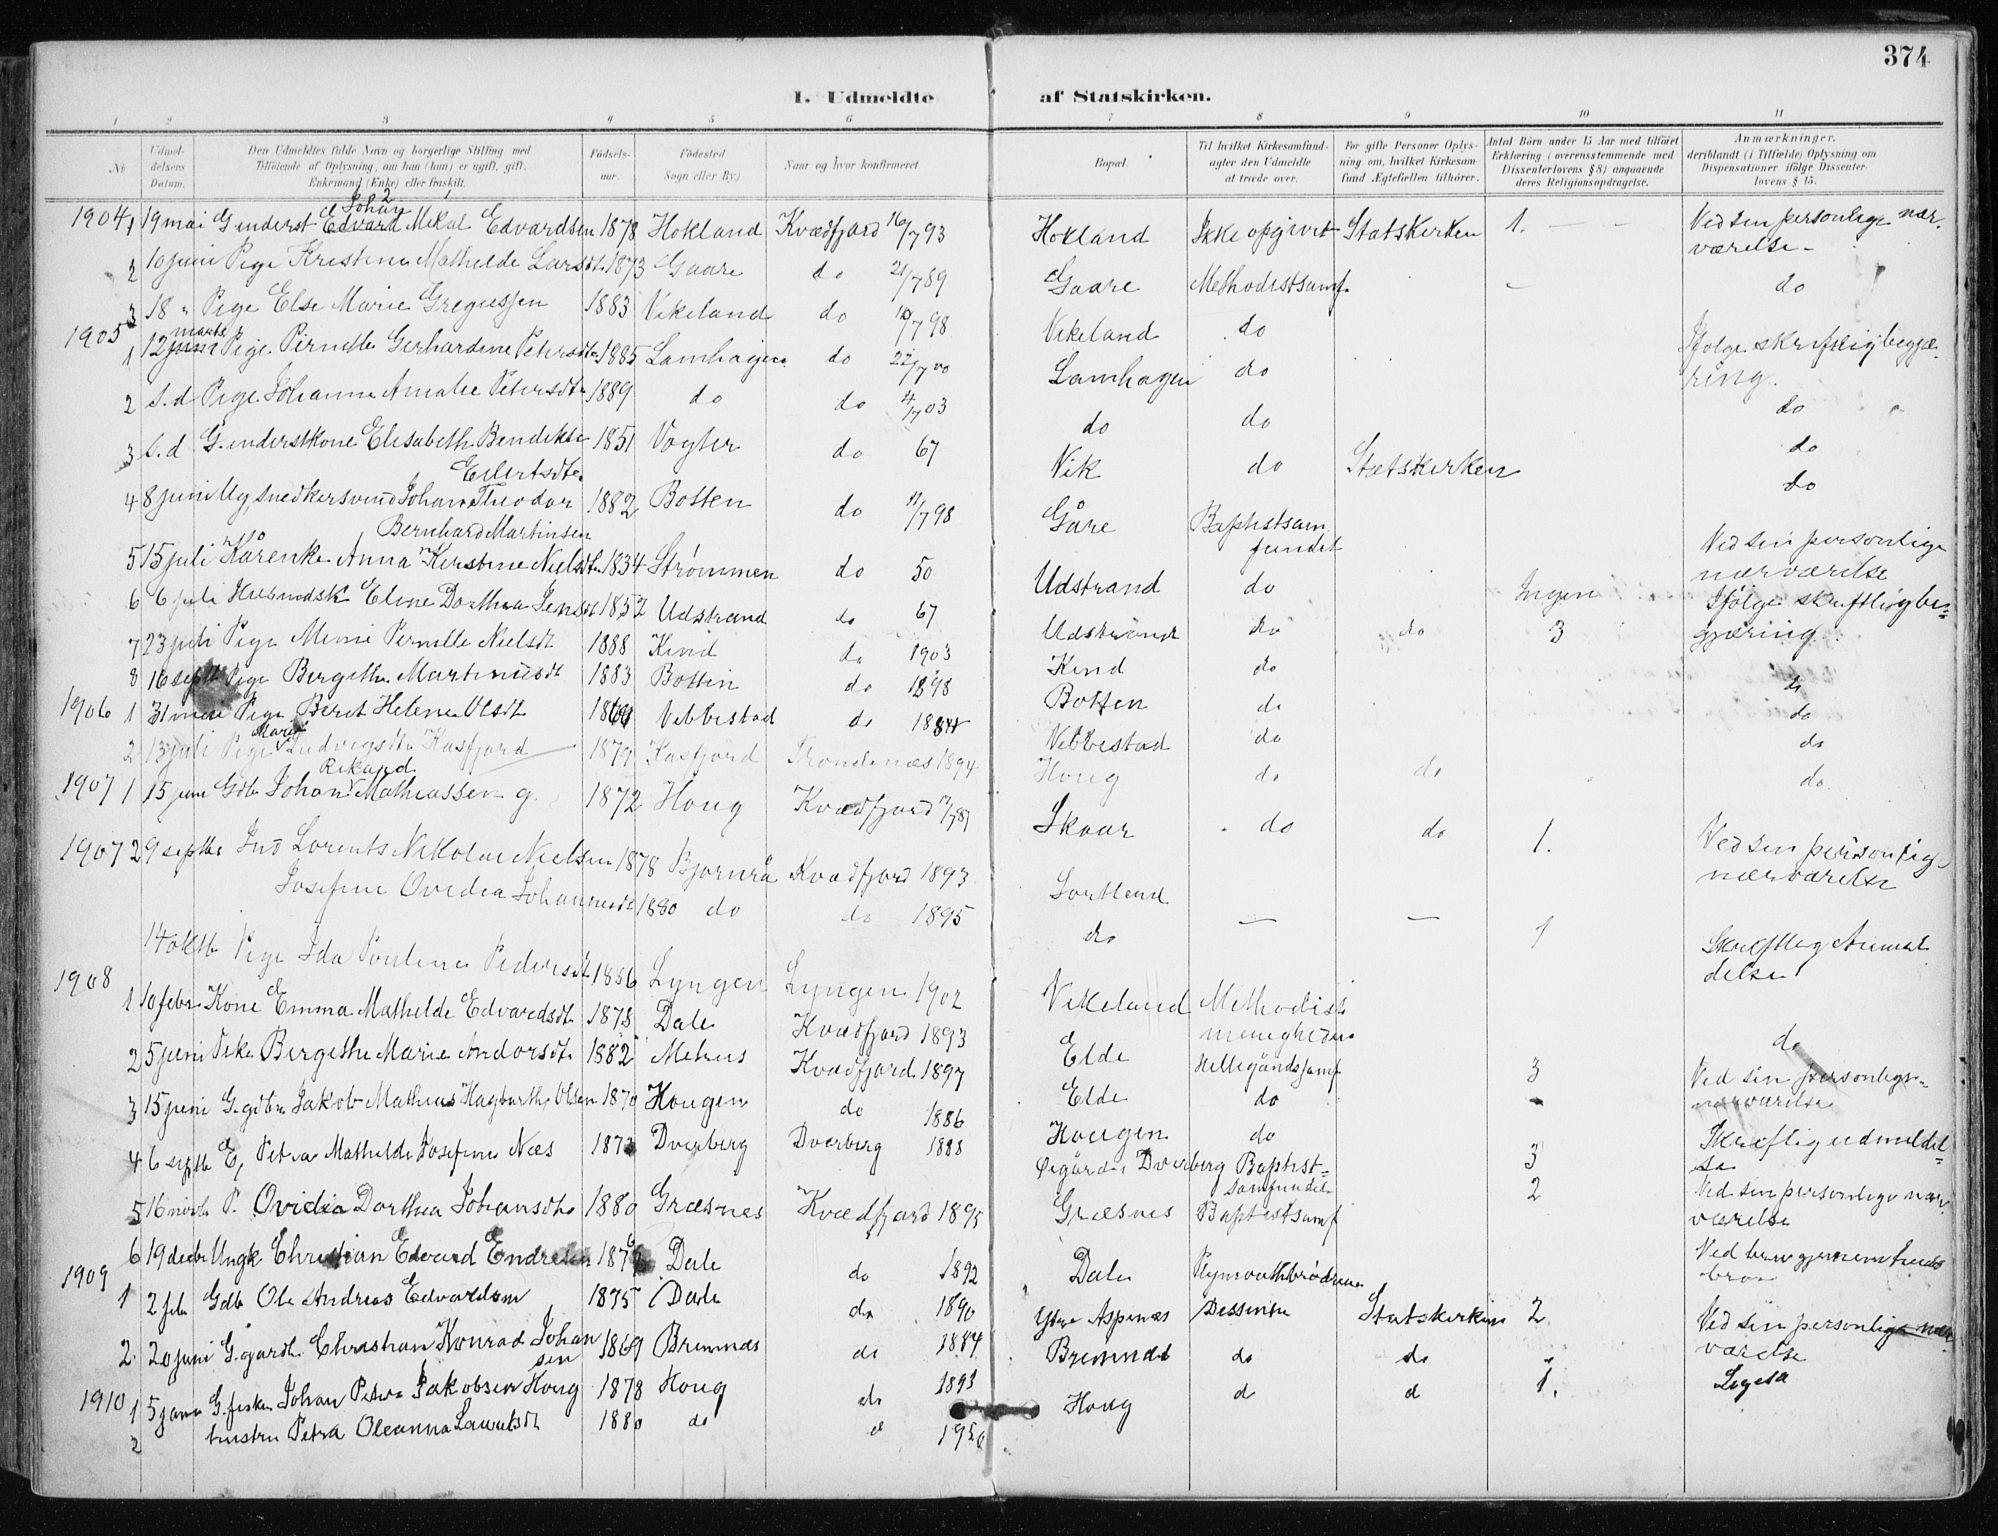 SATØ, Kvæfjord sokneprestkontor, G/Ga/Gaa/L0006kirke: Ministerialbok nr. 6, 1895-1914, s. 374